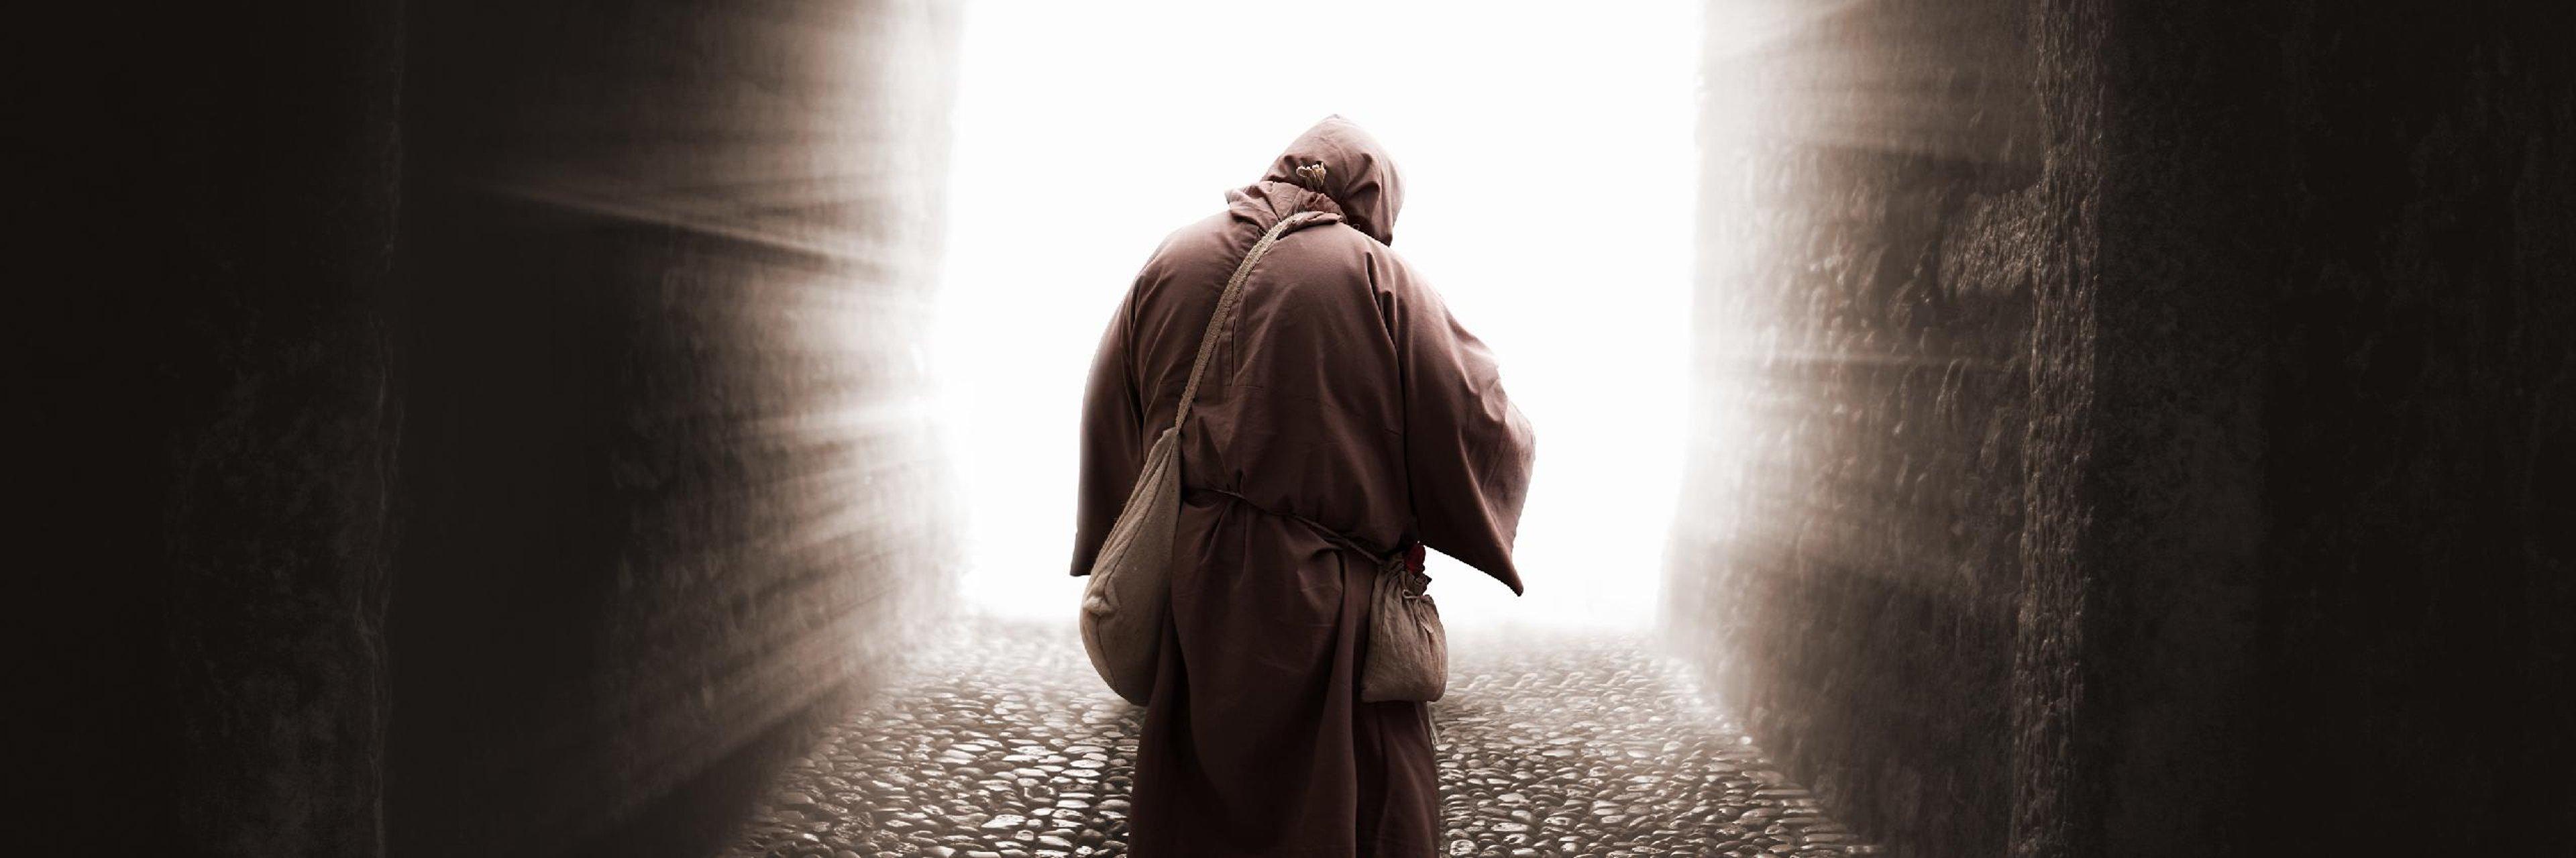 Repentance, Redemption, & Salvation: An Islamic Framework